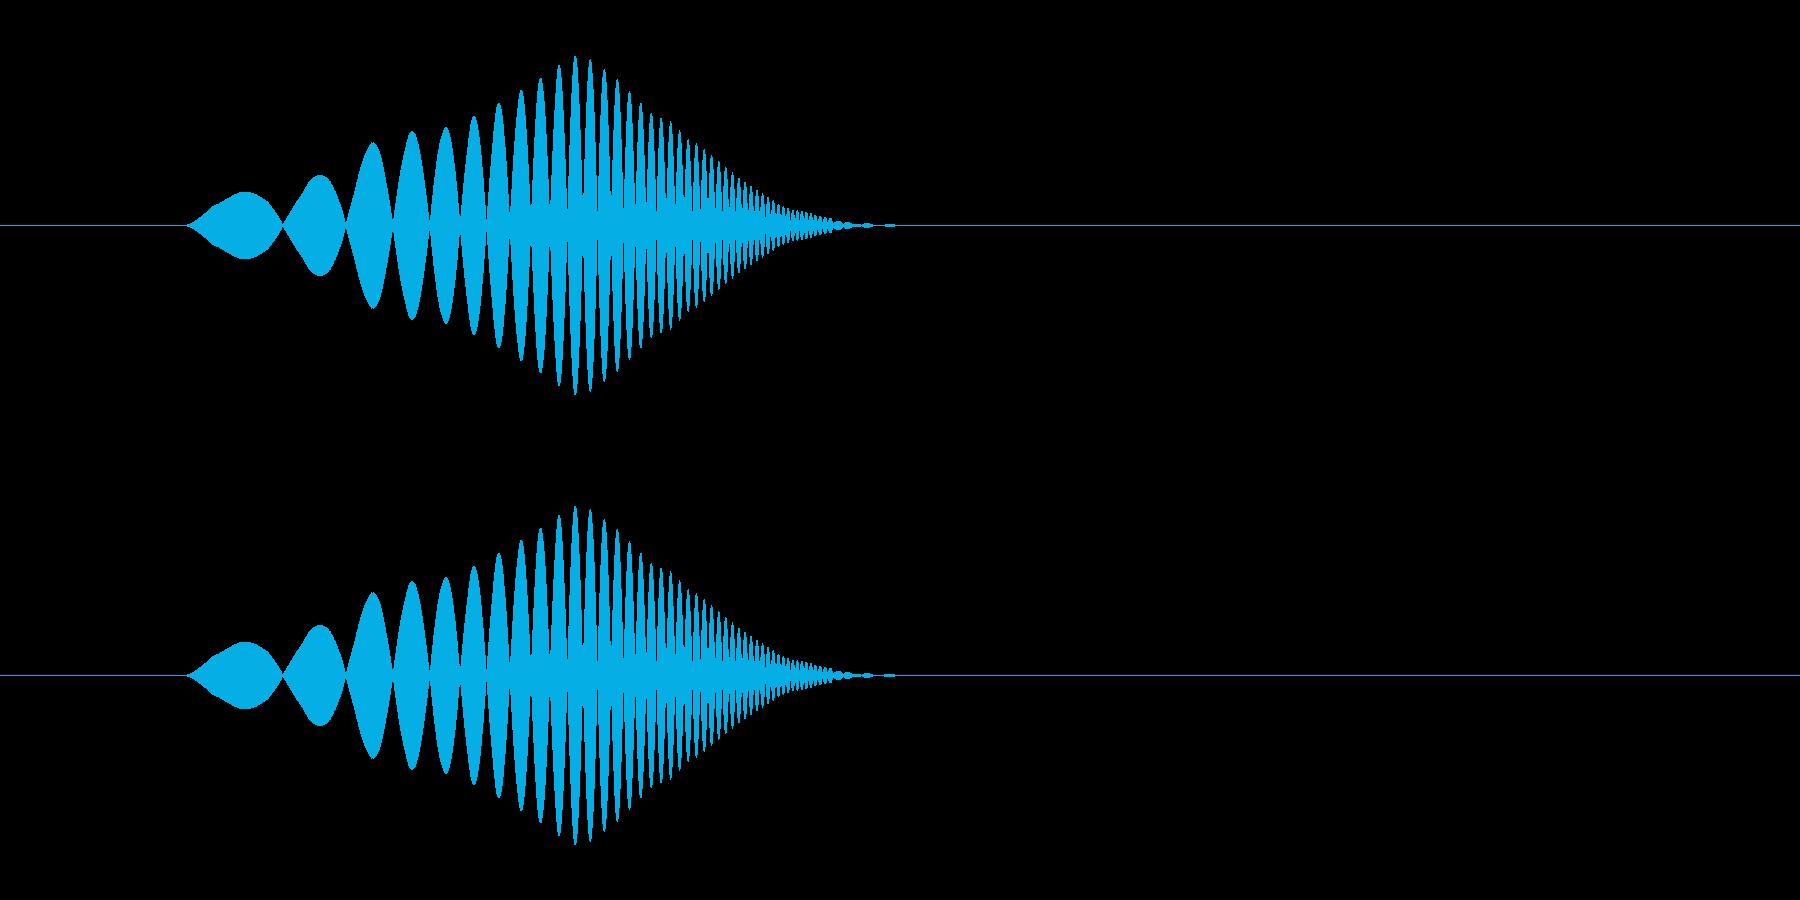 ぽよっ(ほっぺ・吹き出し・バブル)の再生済みの波形